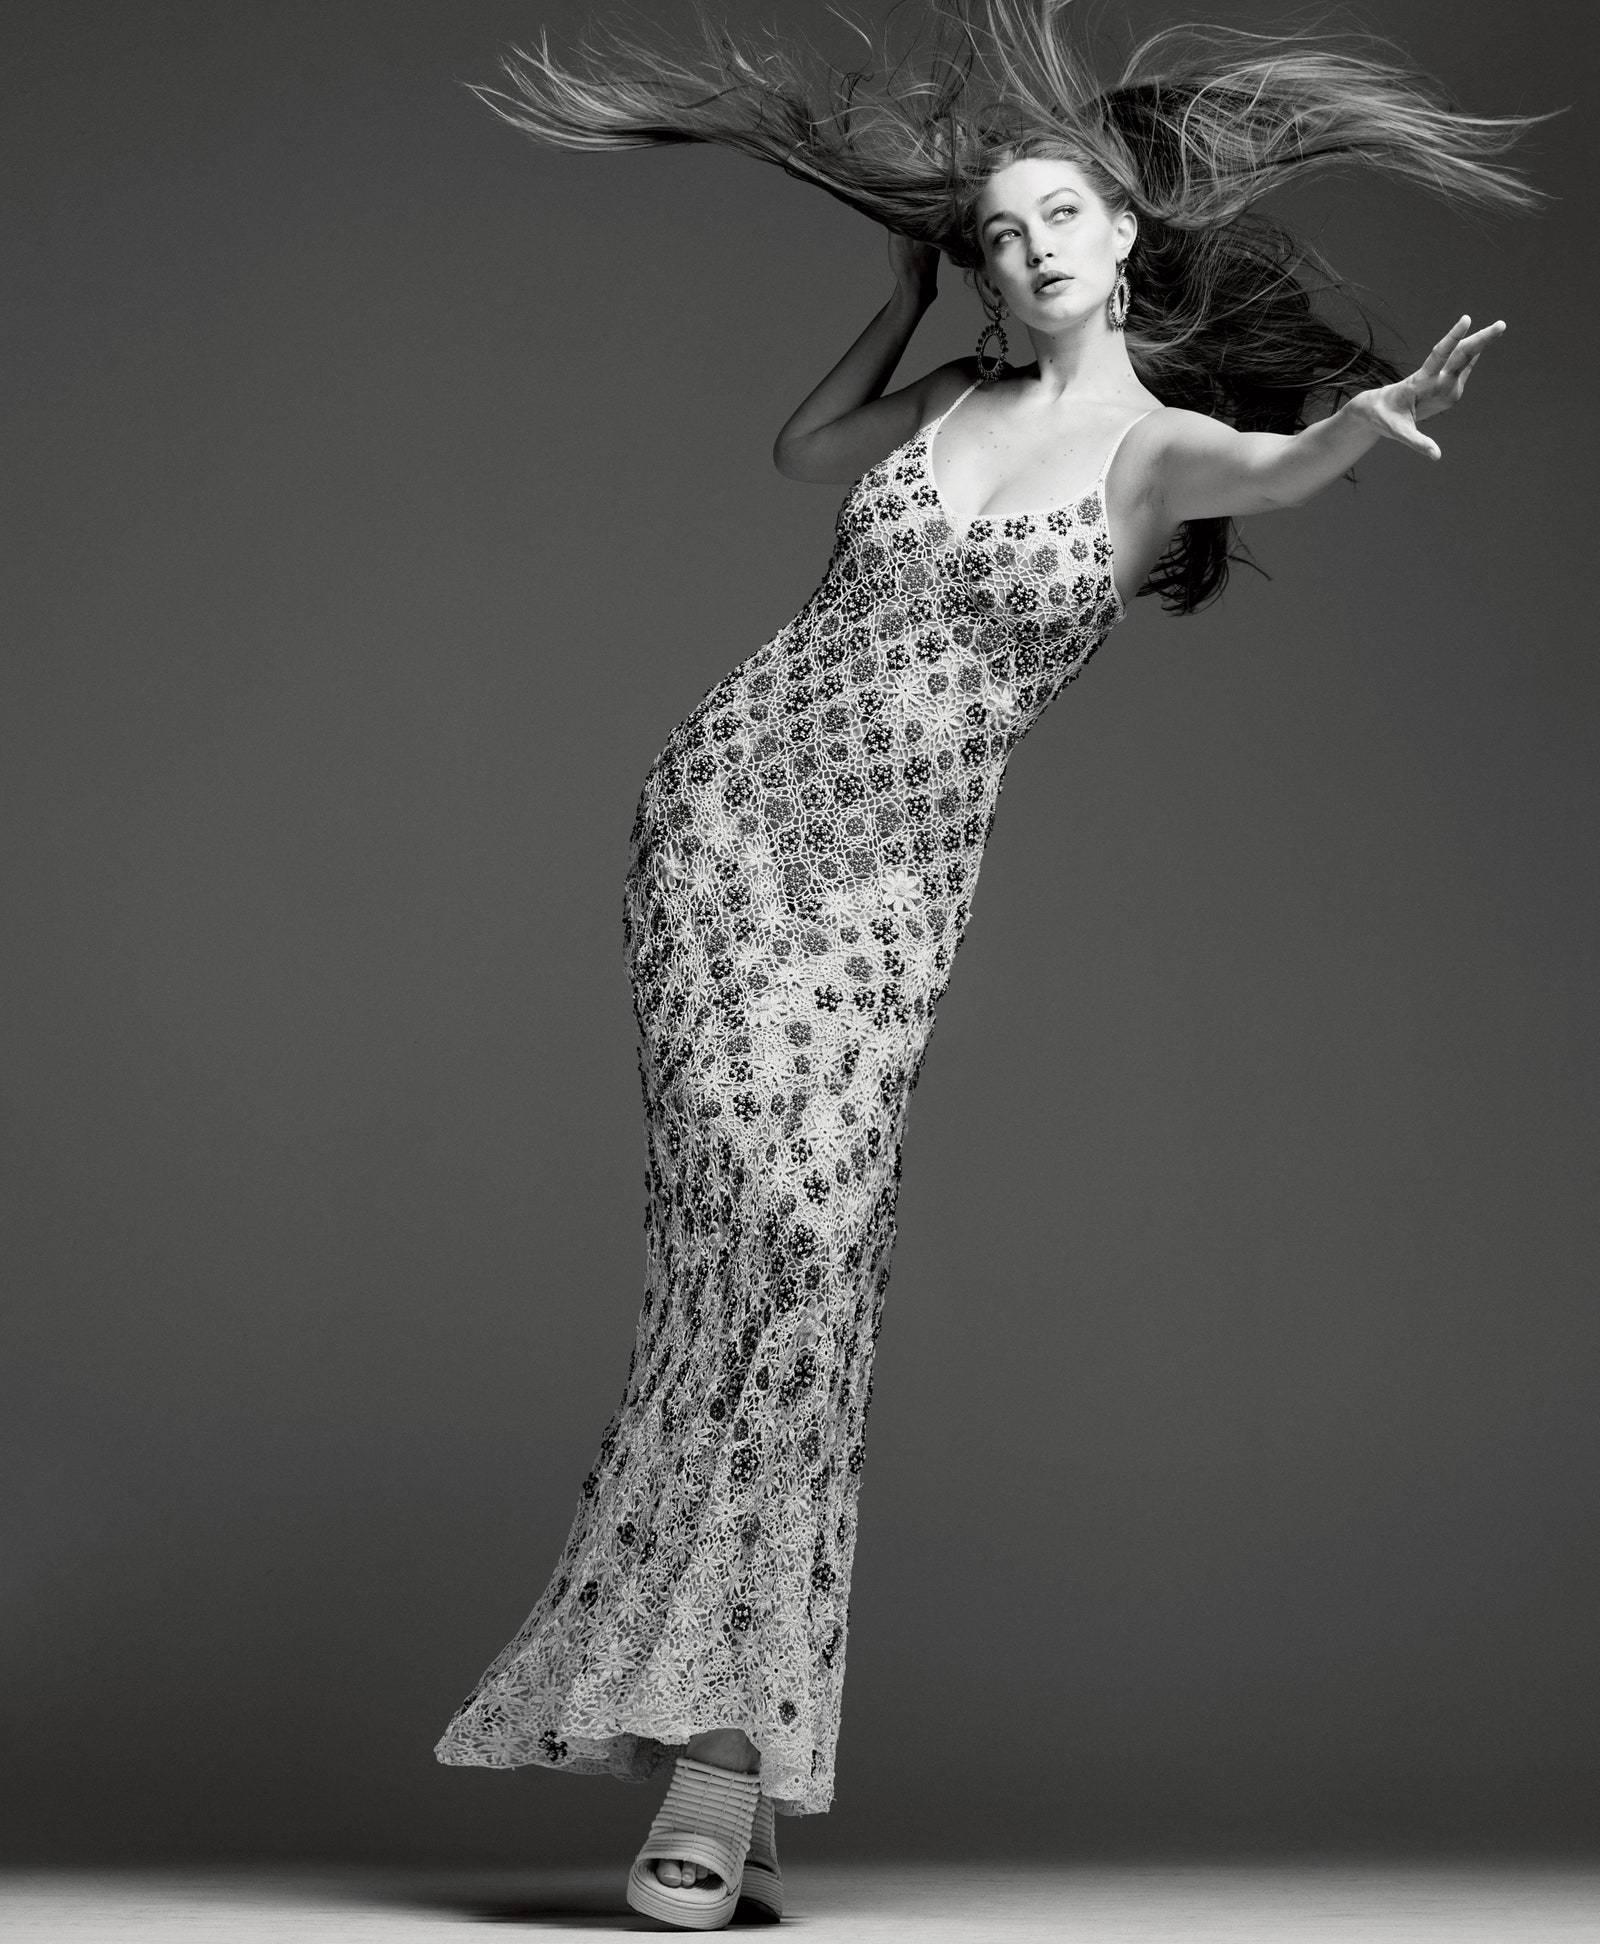 Siêu mẫu Gigi Hadid kể 14 giờ chuyển dạ sinh con đầu lòng tại nhà